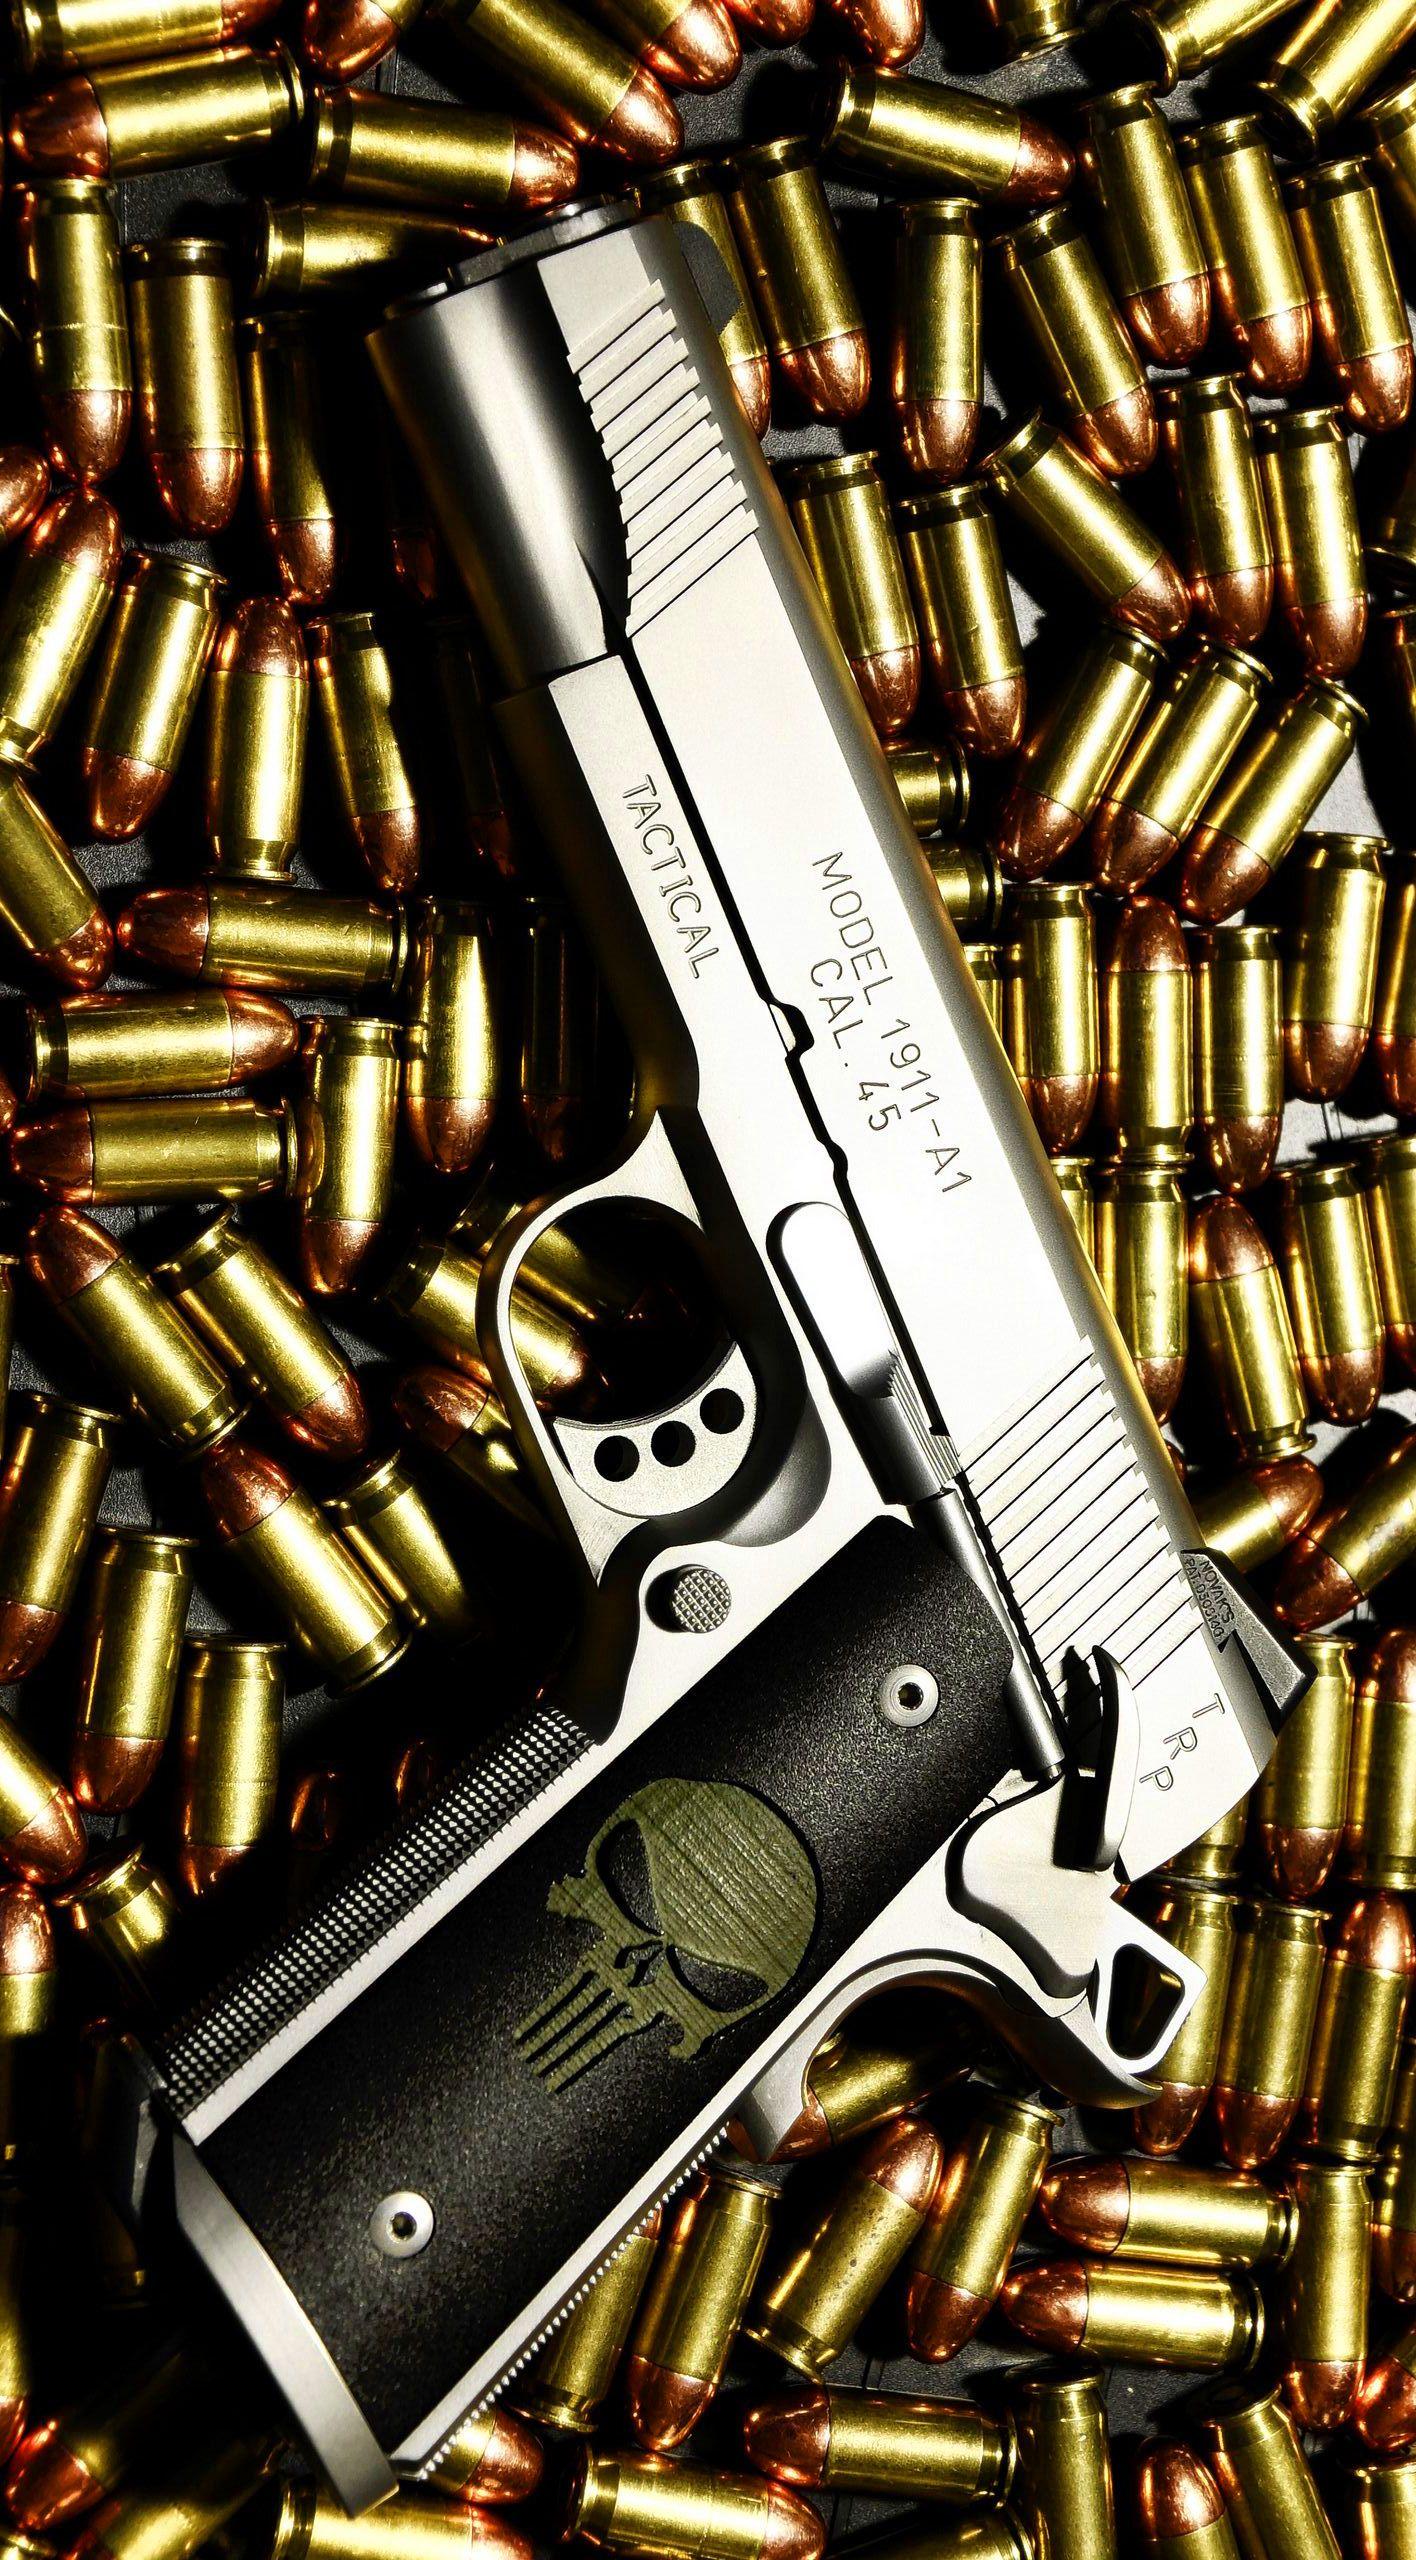 Pin On Tactical Guns and bullets hd wallpaper